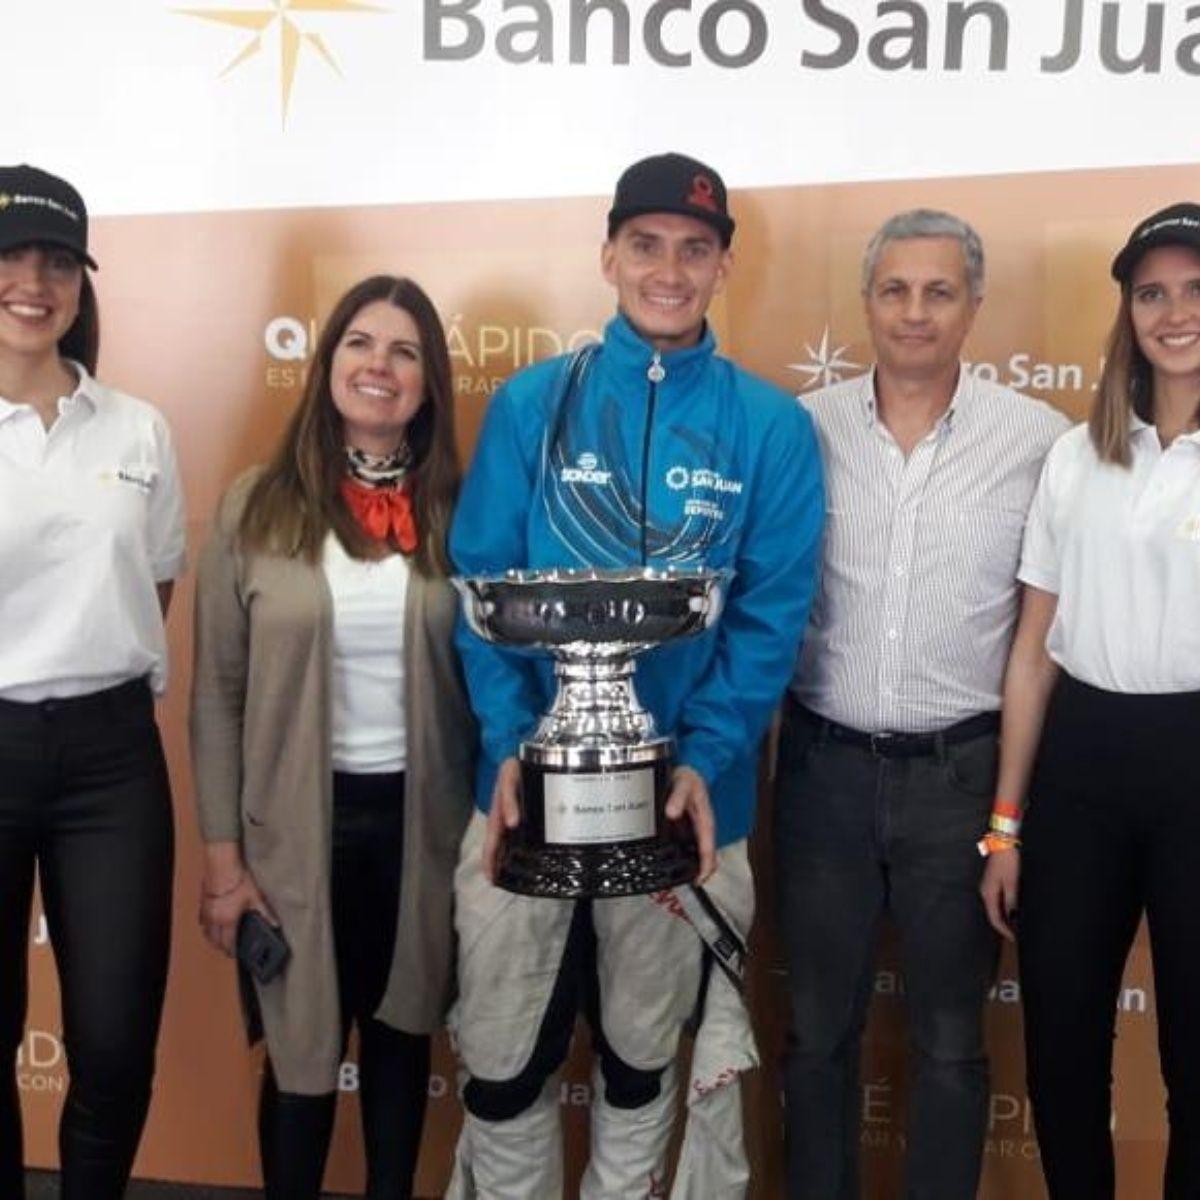 """Banco San Juan presente en el """"Desafío de las Estrellas"""""""